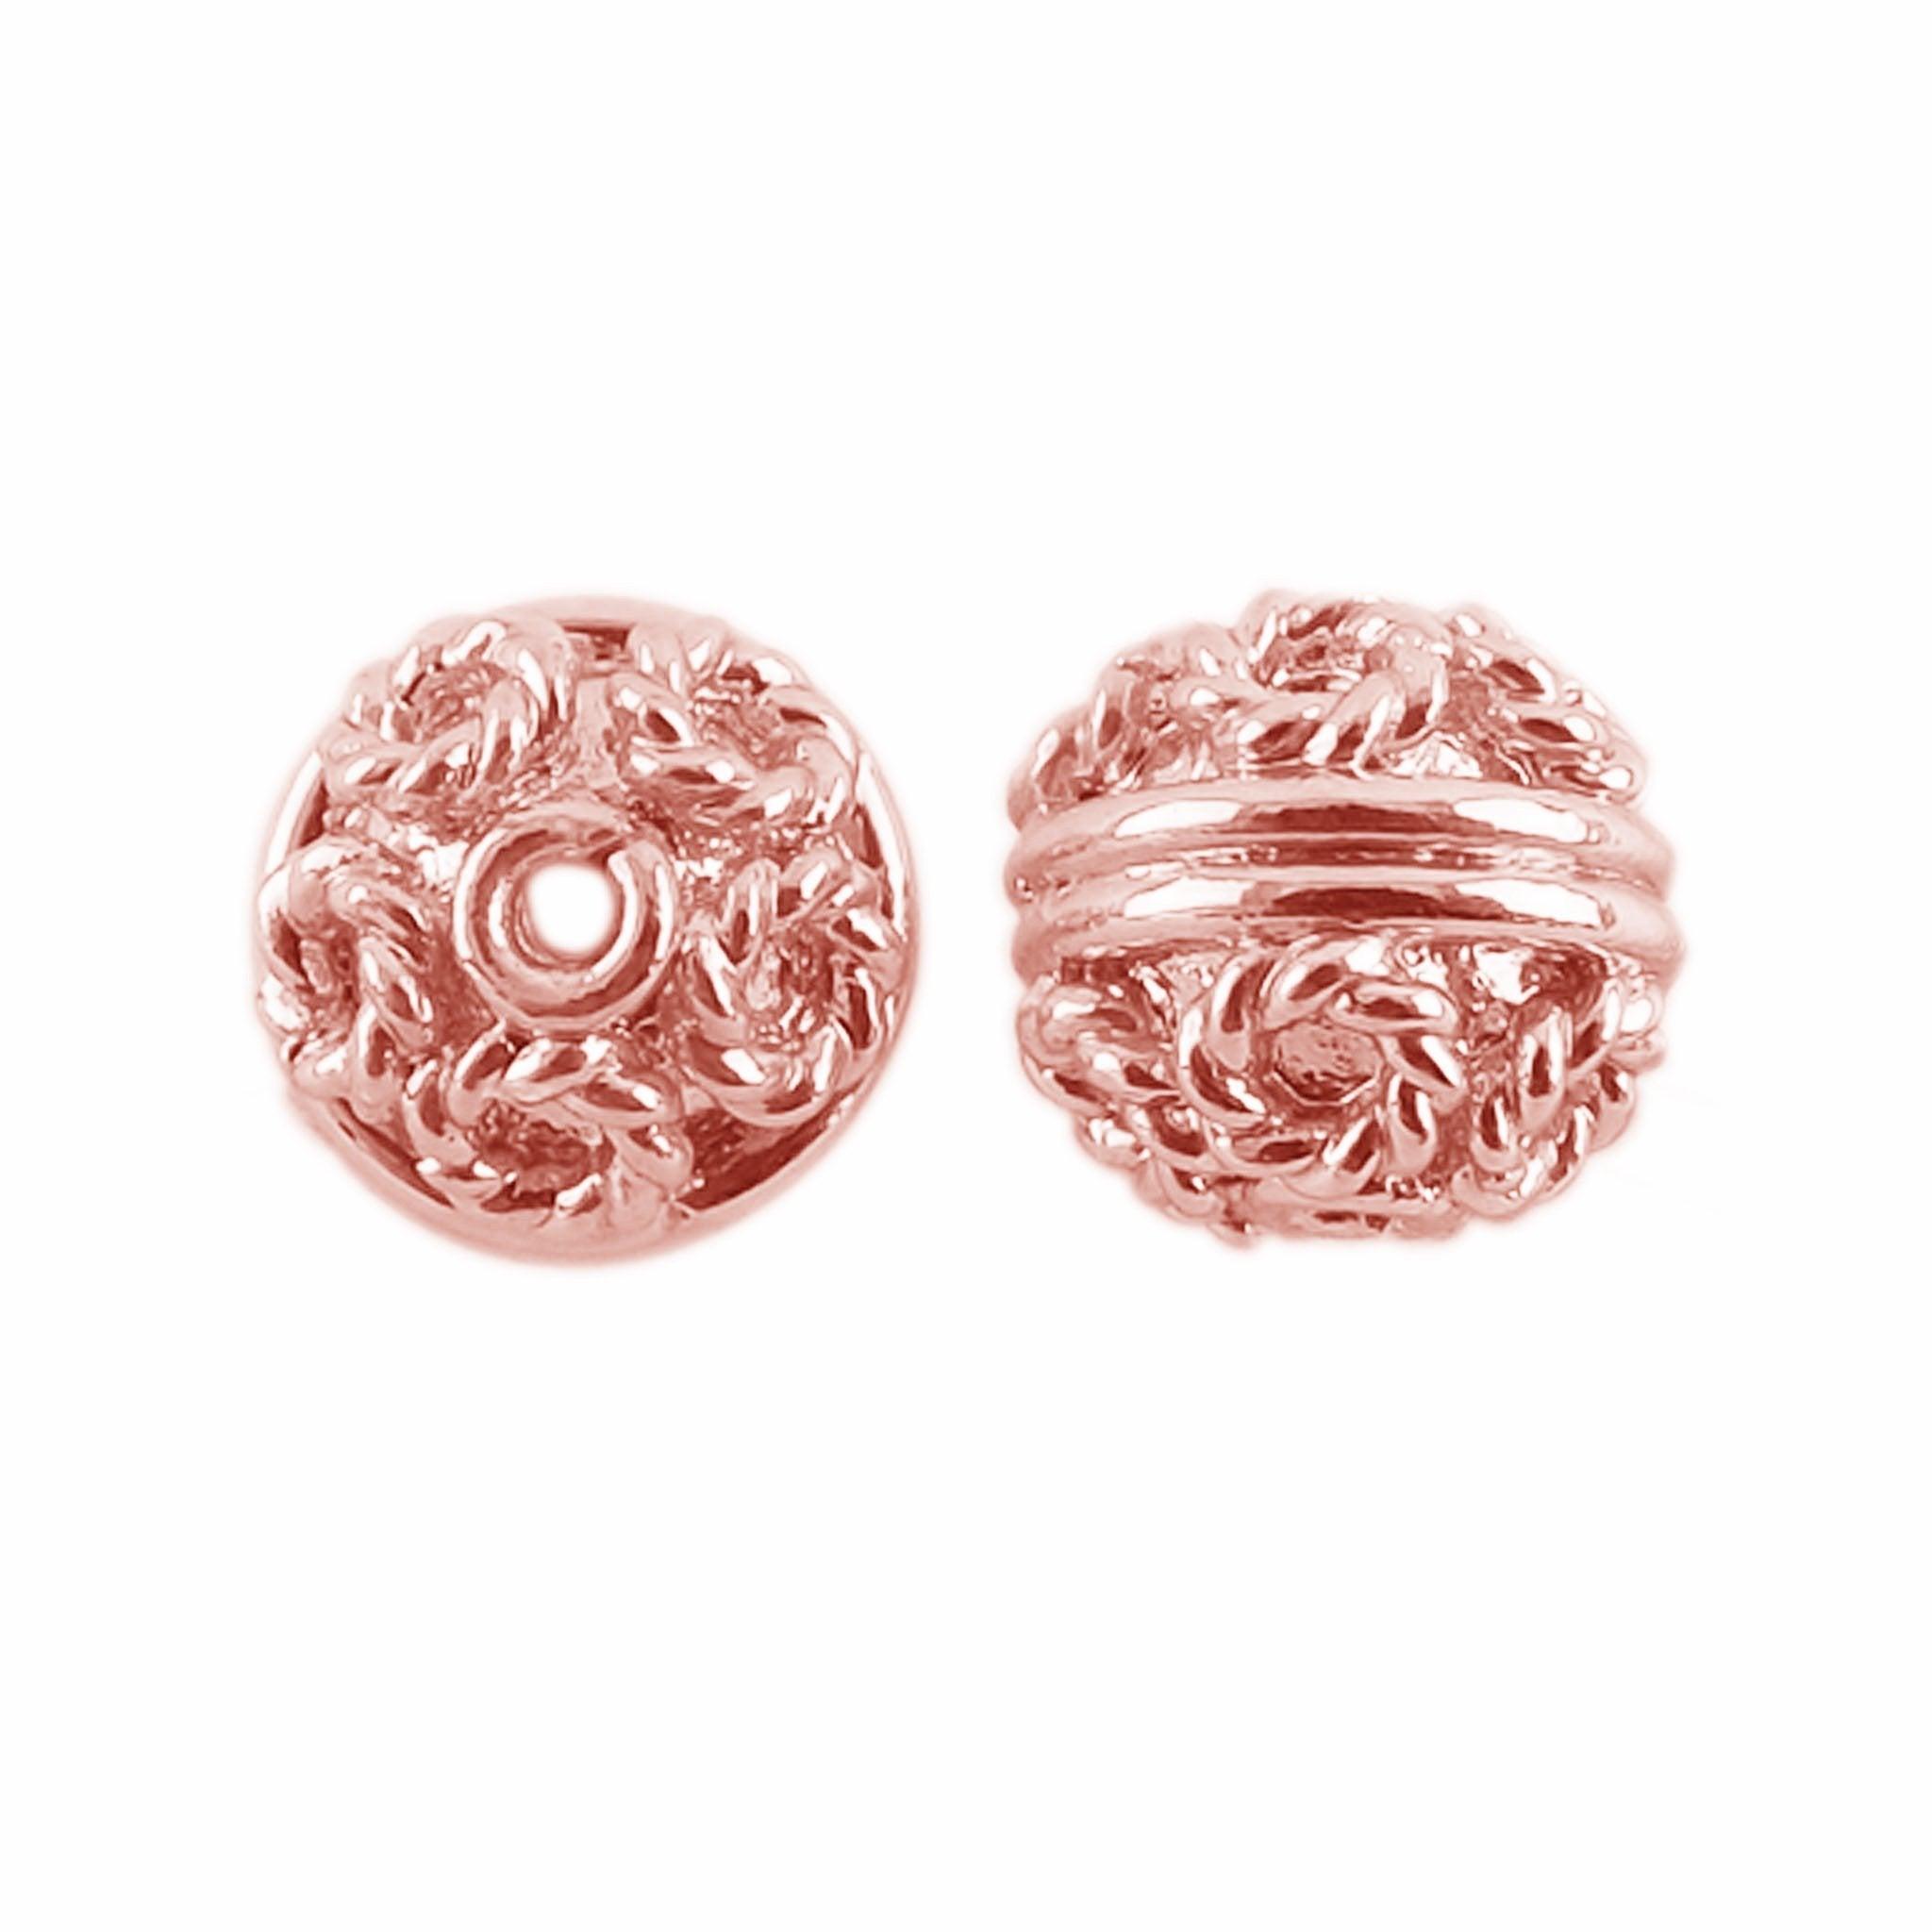 10 Perles Métal-Antique Argent-Ø 4,5 mm Bracelet Fabrication